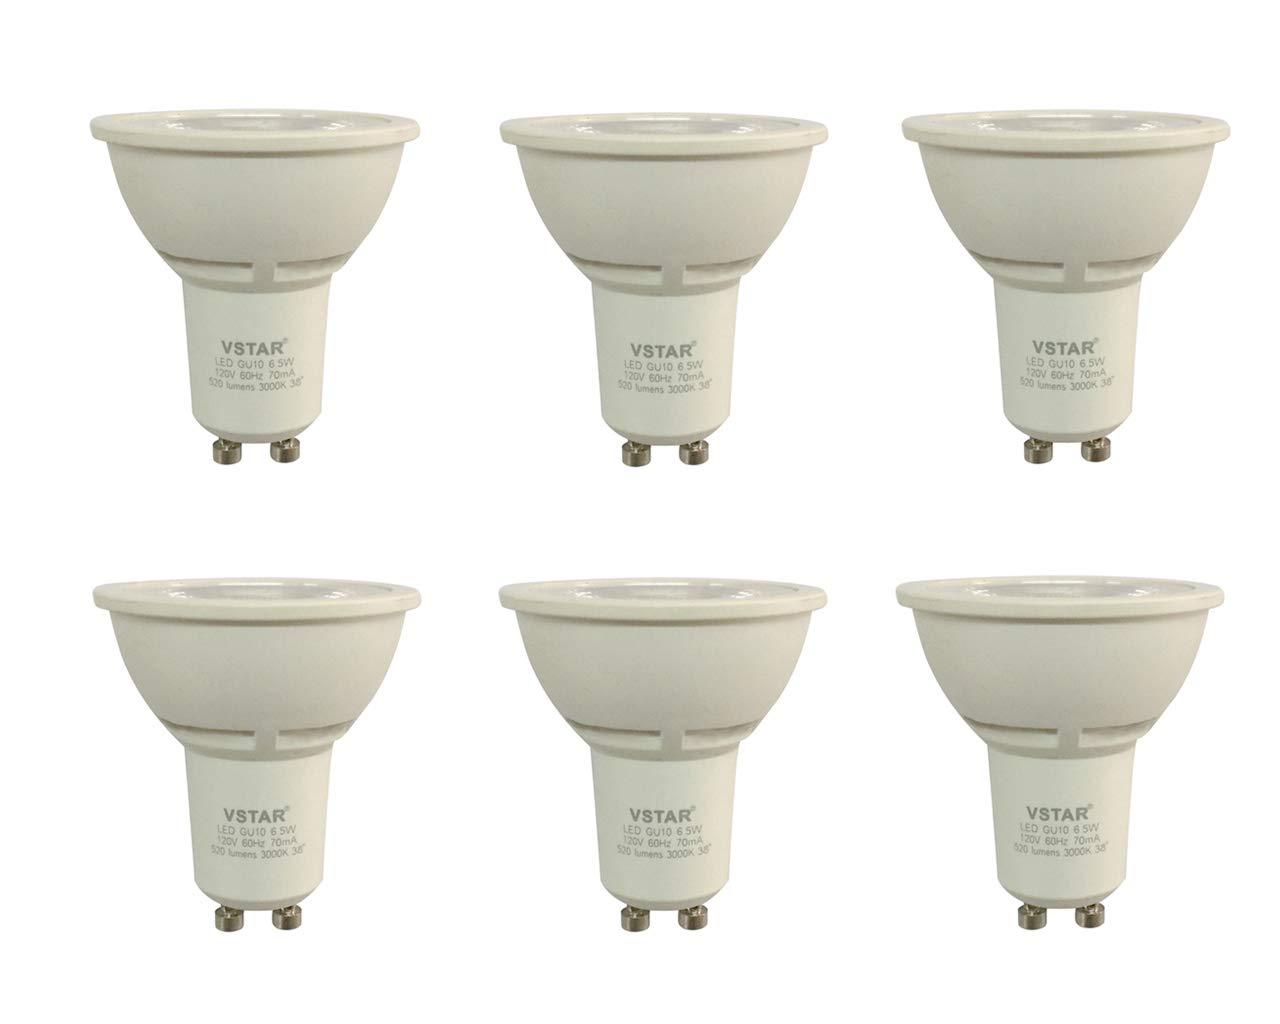 VSTAR LED GU10 Dimmable 6.5W Bulb,3000K Warm White Light Bulb (6.5W LED,6 Pack)